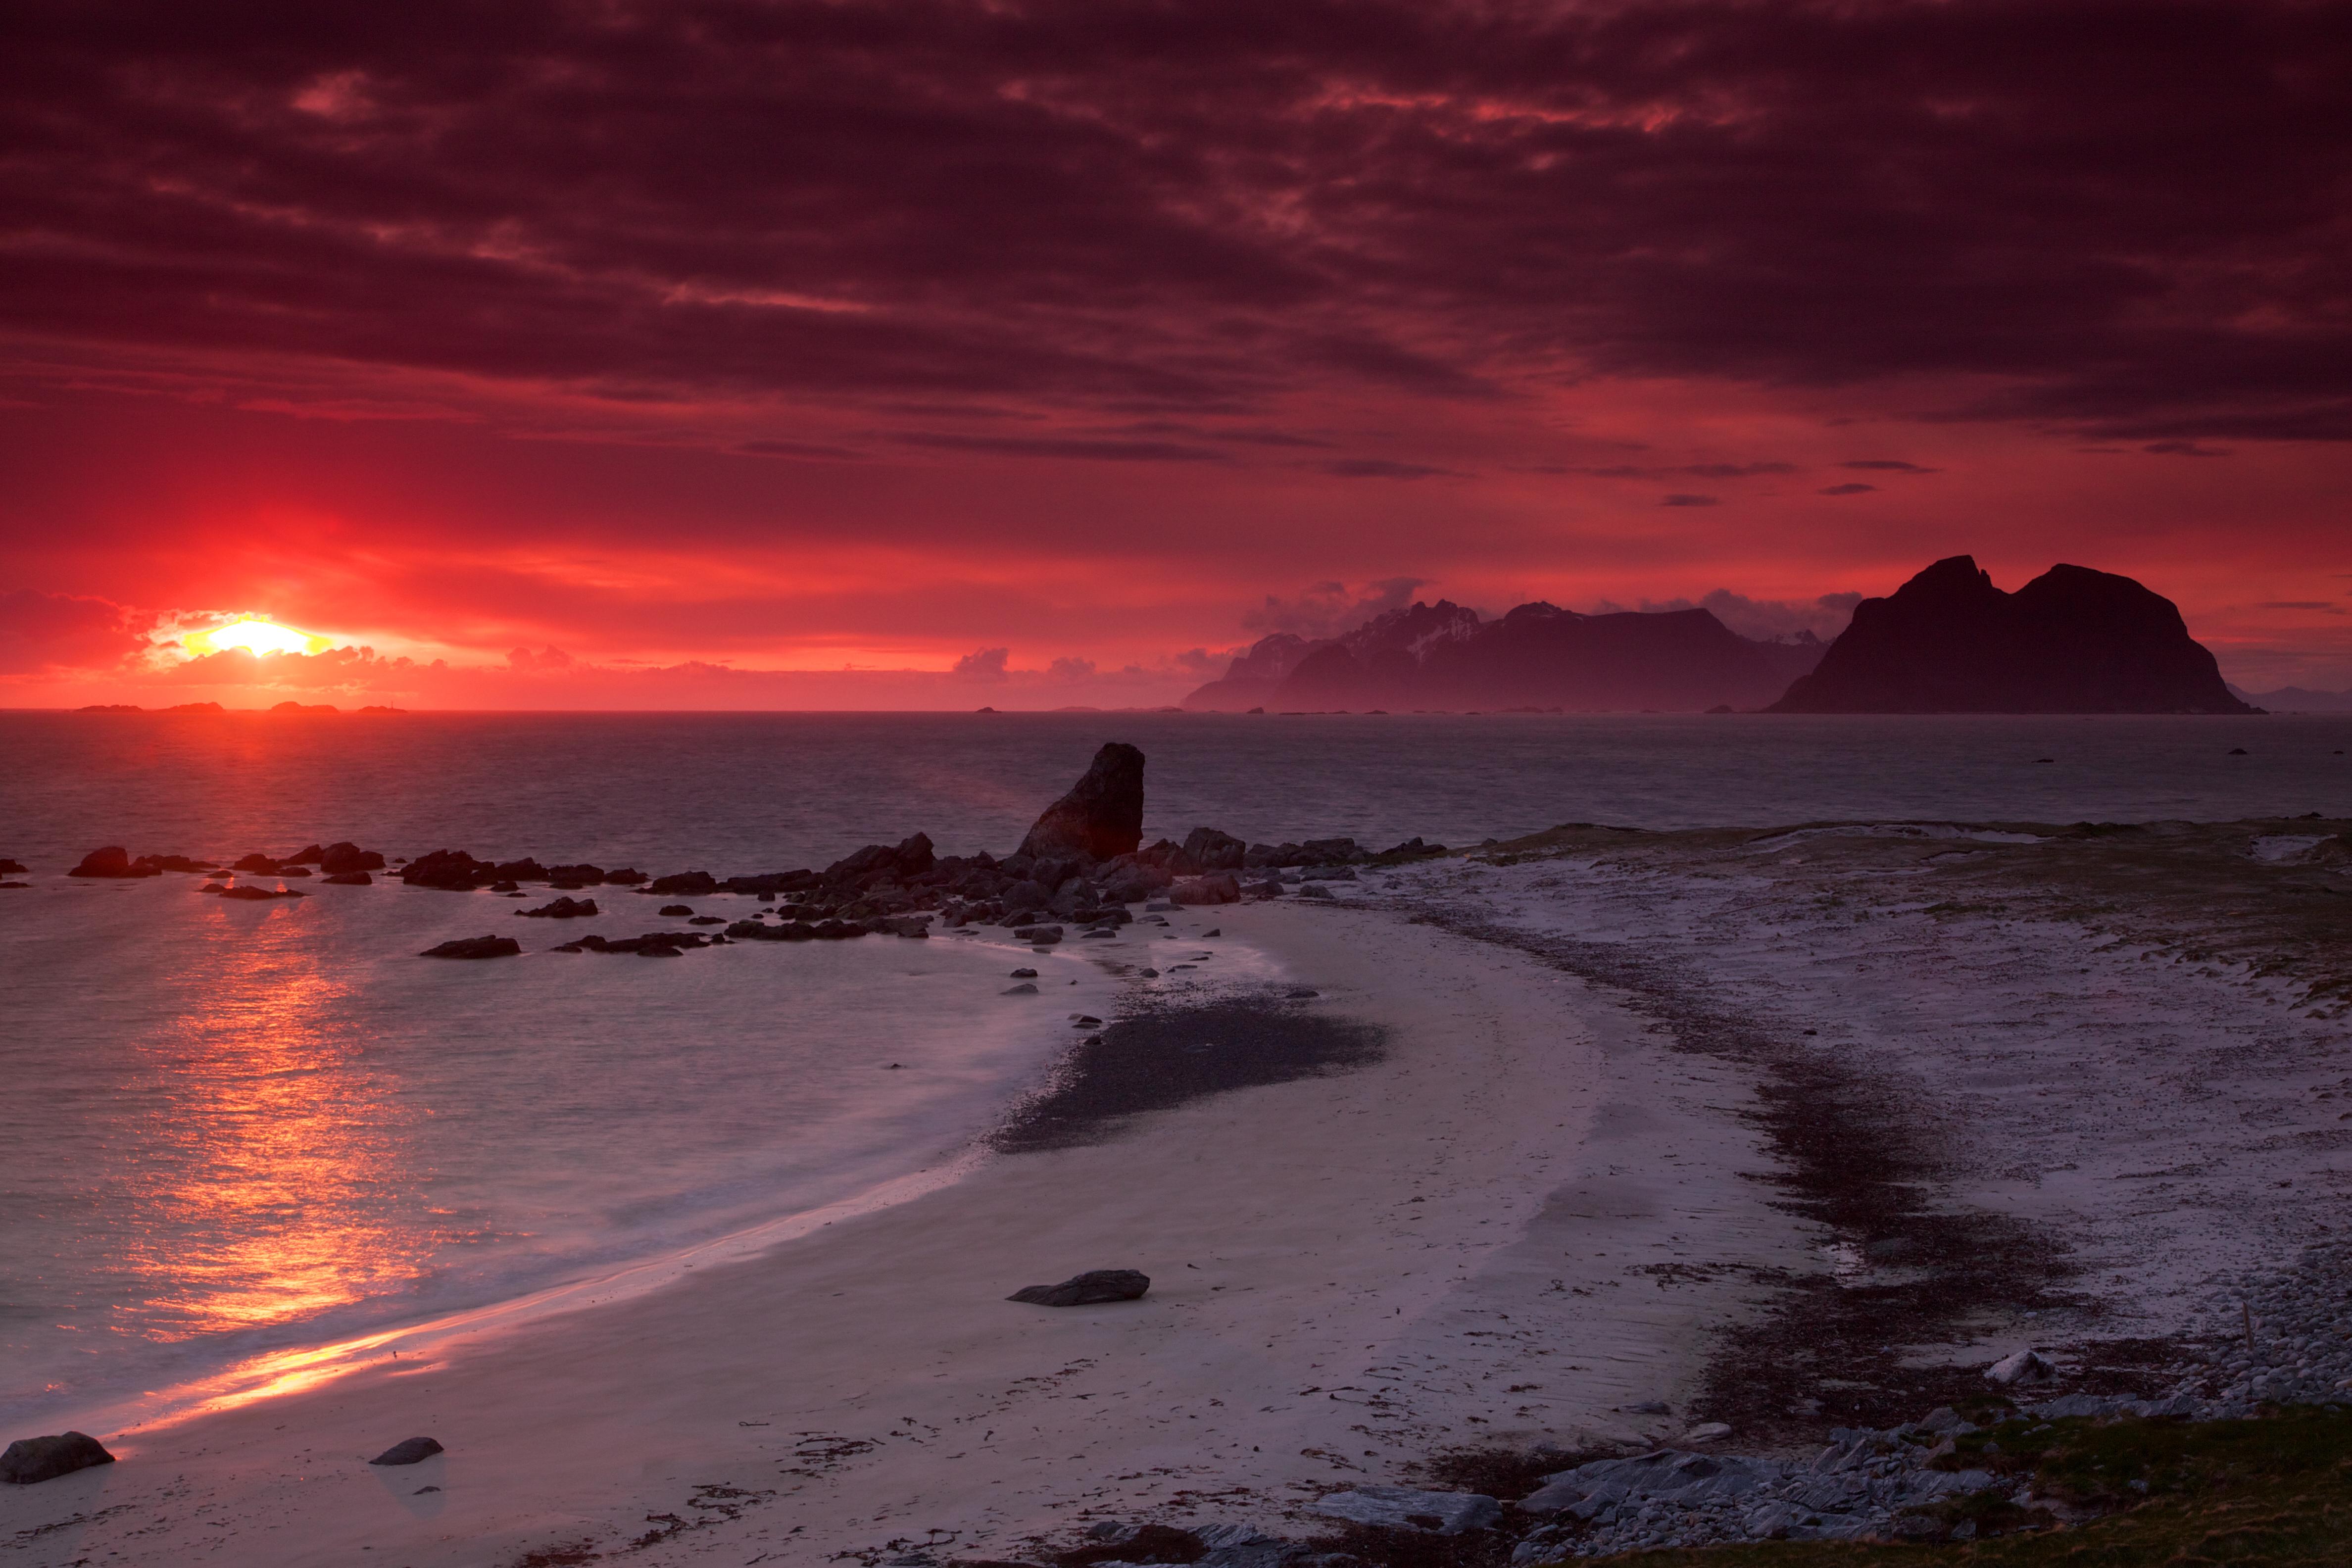 En el municipio de la provincia de Nordland, los visitantes pueden experimentar el paisaje, el terreno y las refrescantes aguas color esmeralda de Noruega, a lo largo de las costas y cerca de una ciudad pintoresca y hogareña conocida por la deliciosa cocina noruega y el café caliente